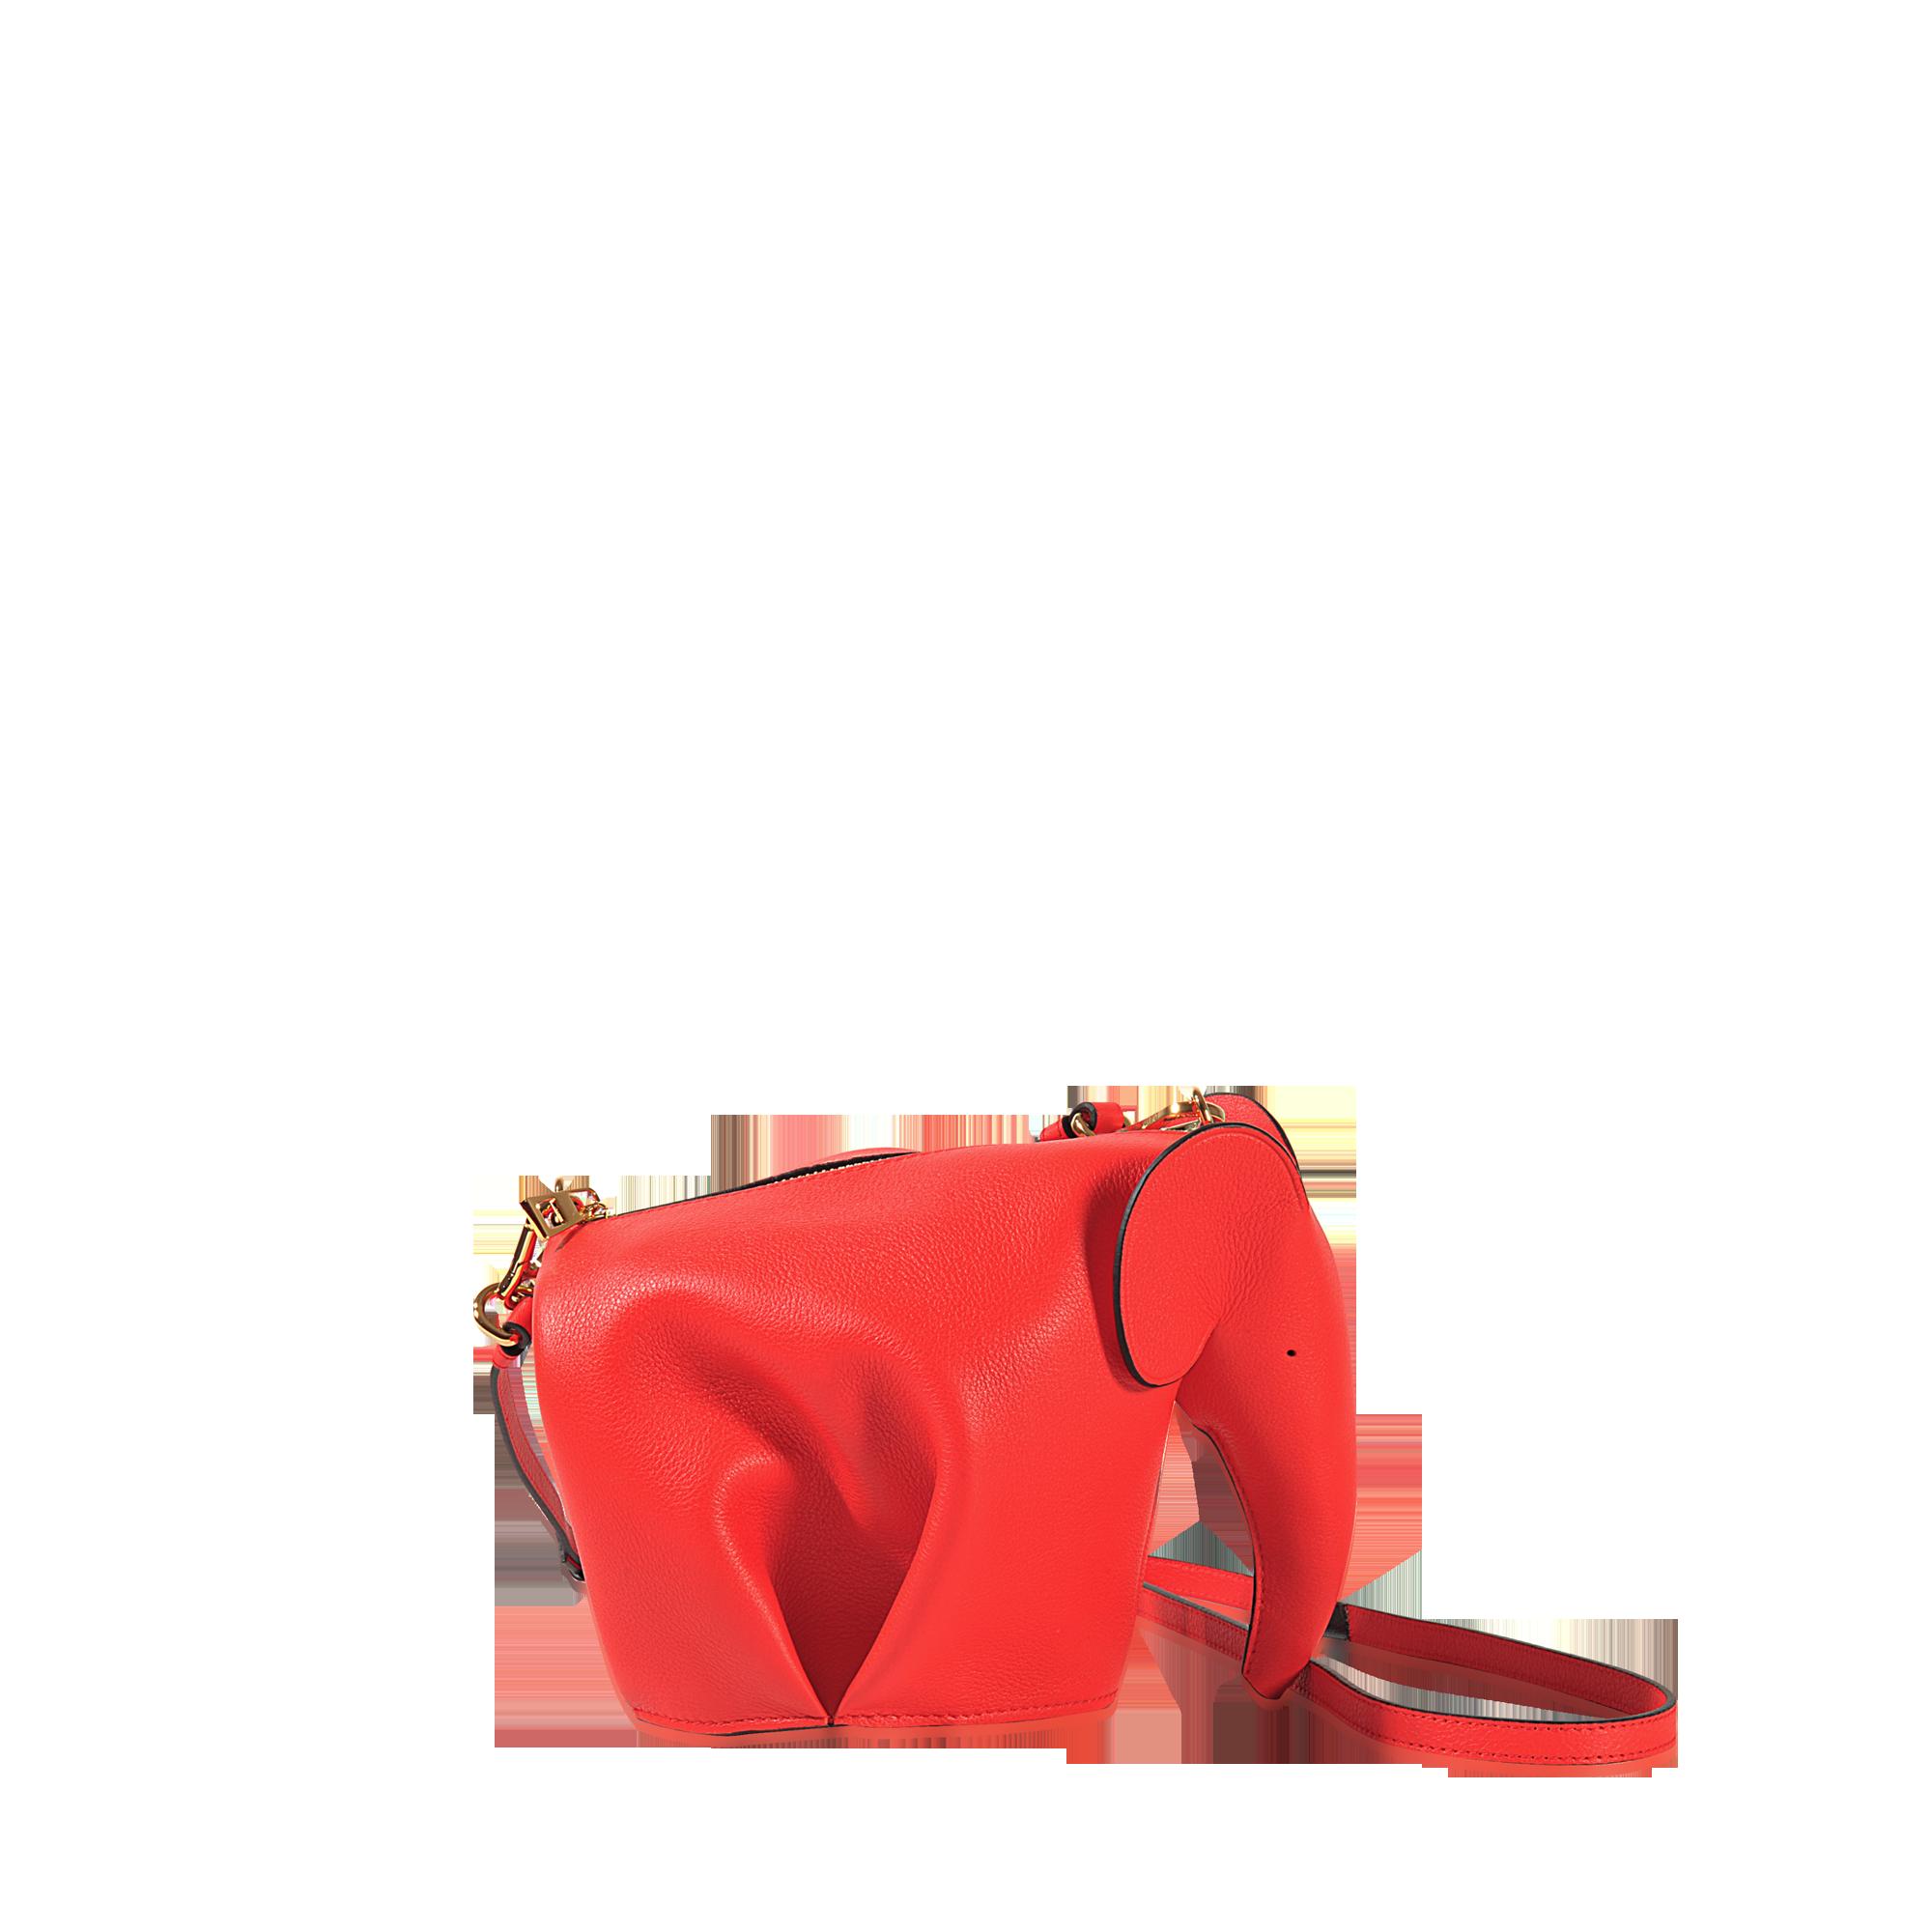 Loewe Elefant Mini Pose For Fin Online Kjøpe Billig Lav Pris Avgift Frakt For Hyggelig Billig Pris Rabatt Ebay Salg Limited Edition Qvc4MqIJ6p